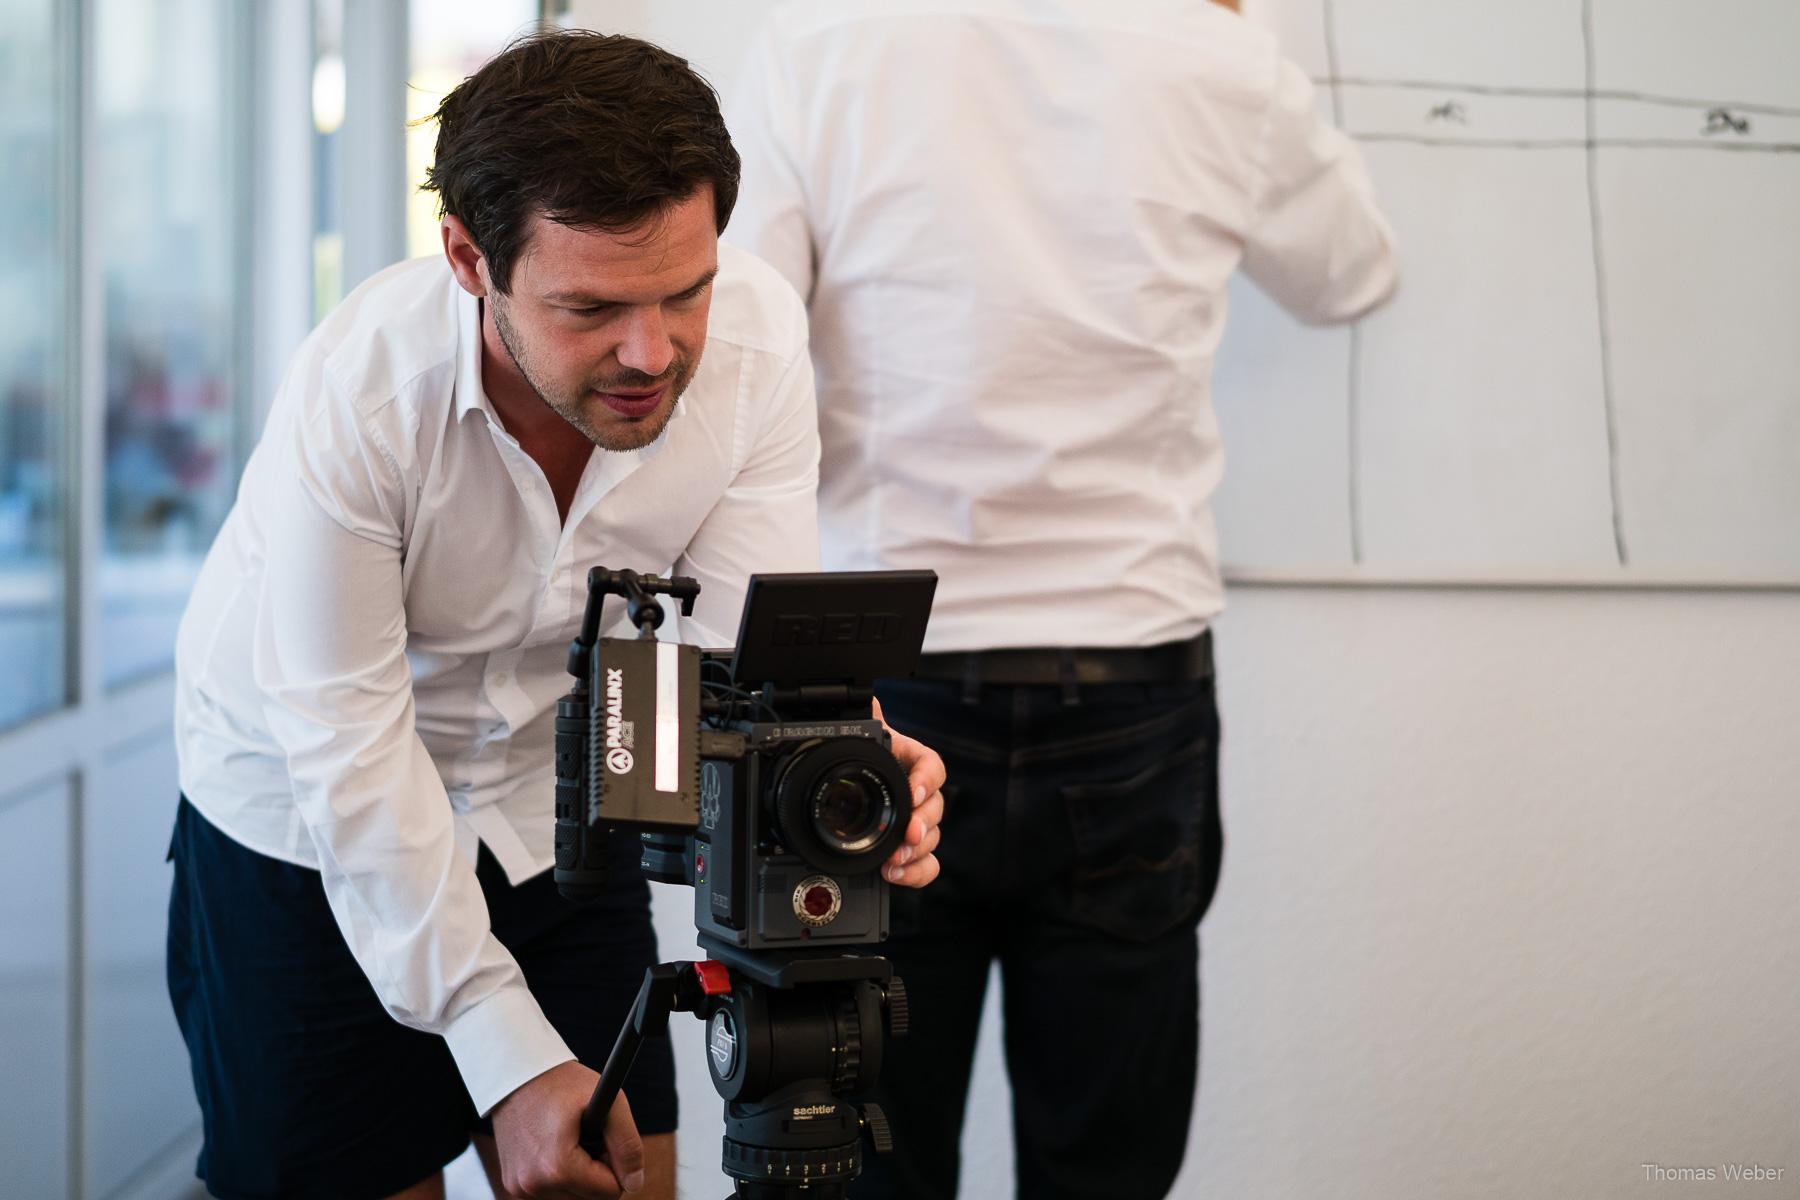 Werbefilm für Siems fenster+türen GmbH, Fotograf und Filmer Thomas Weber aus Oldenburg